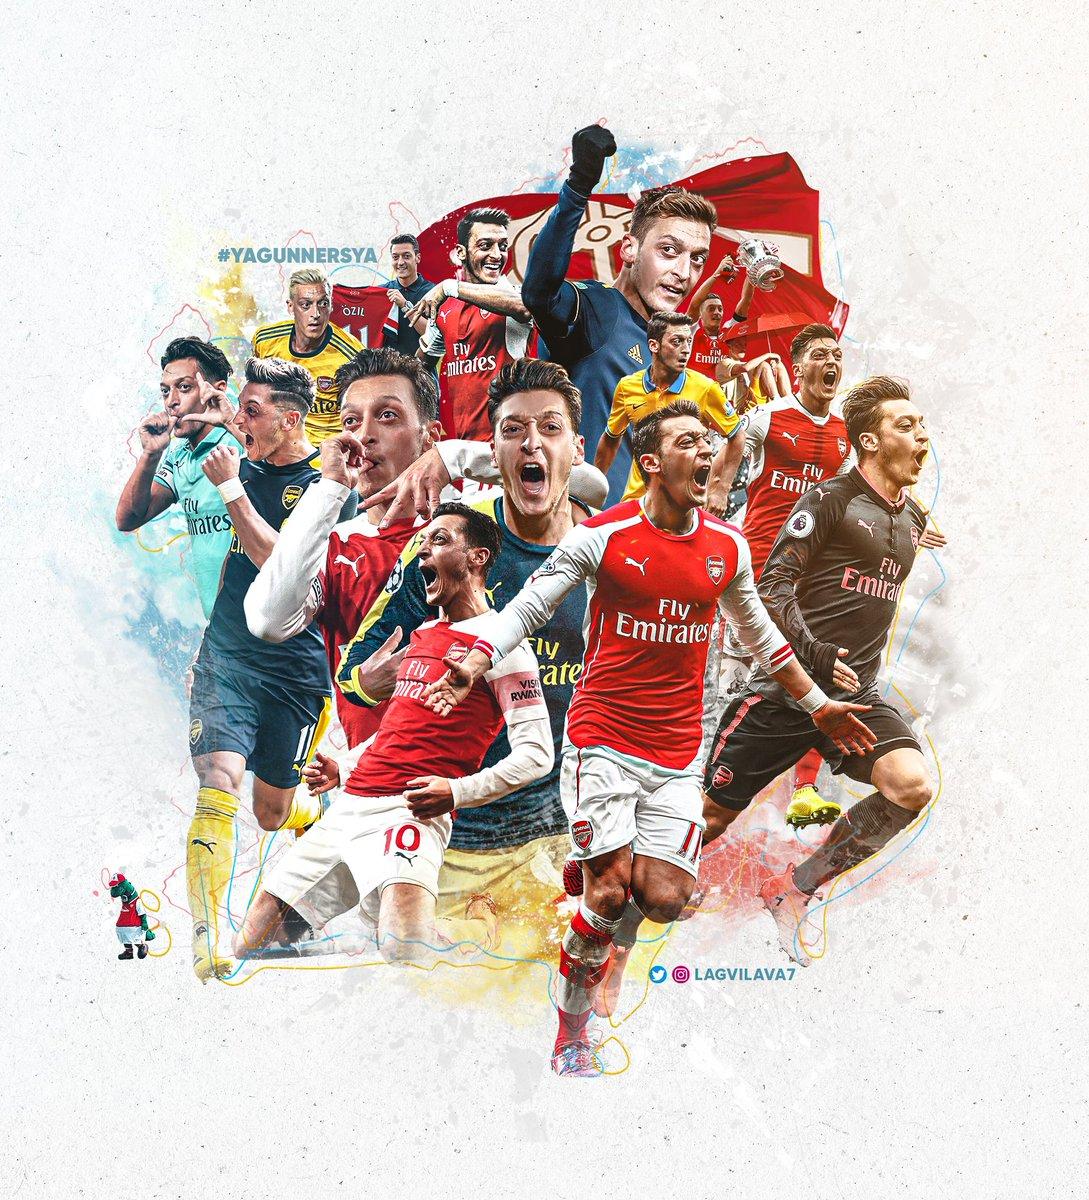 Replying to @Lagvilava7: Thank You! 〽️ @MesutOzil1088  #YaGunnersYa #Arsenal @arsenal